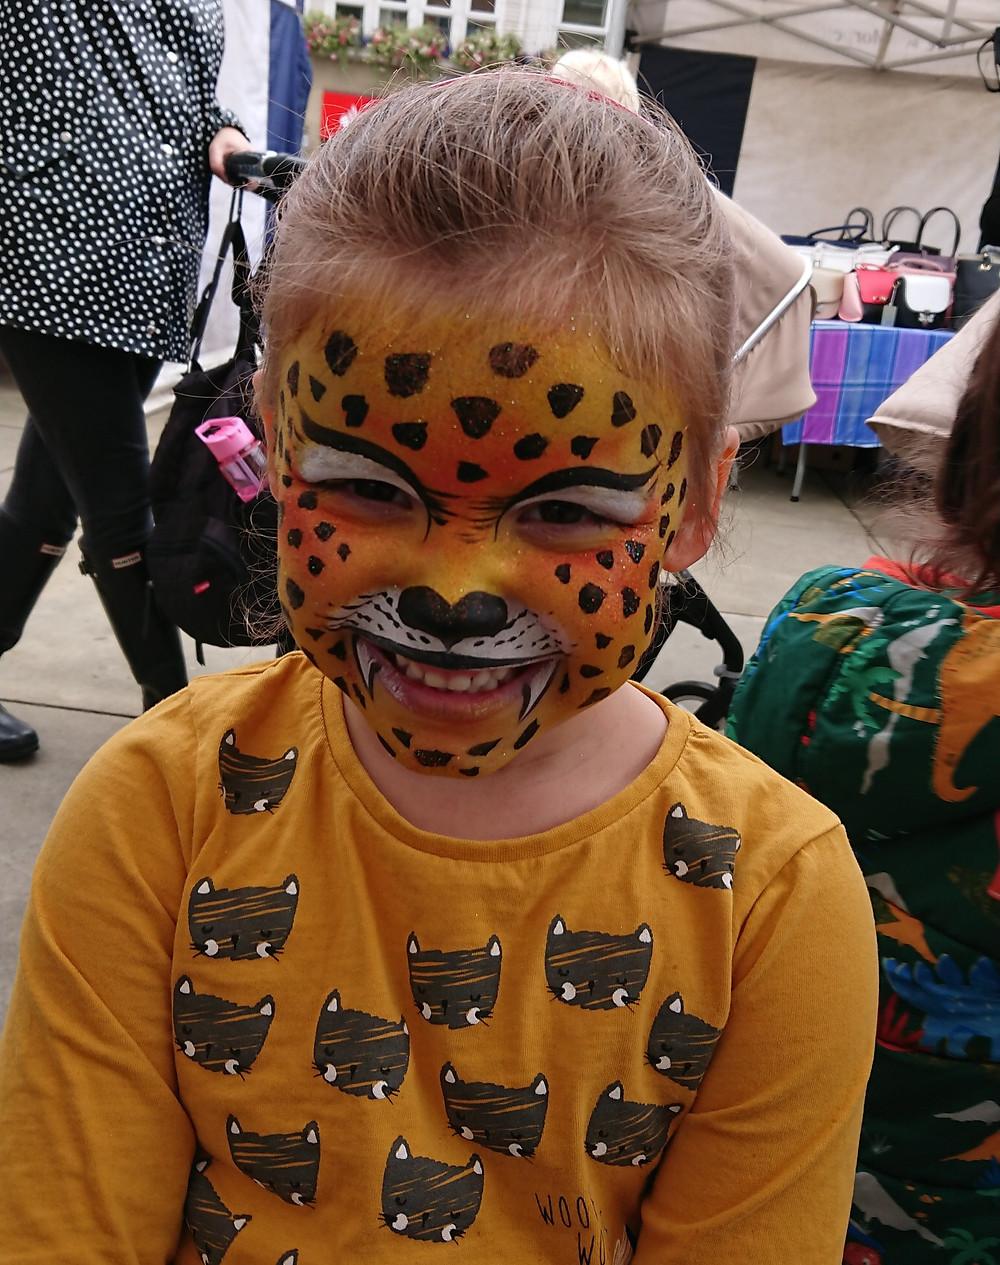 Leopard face paint design